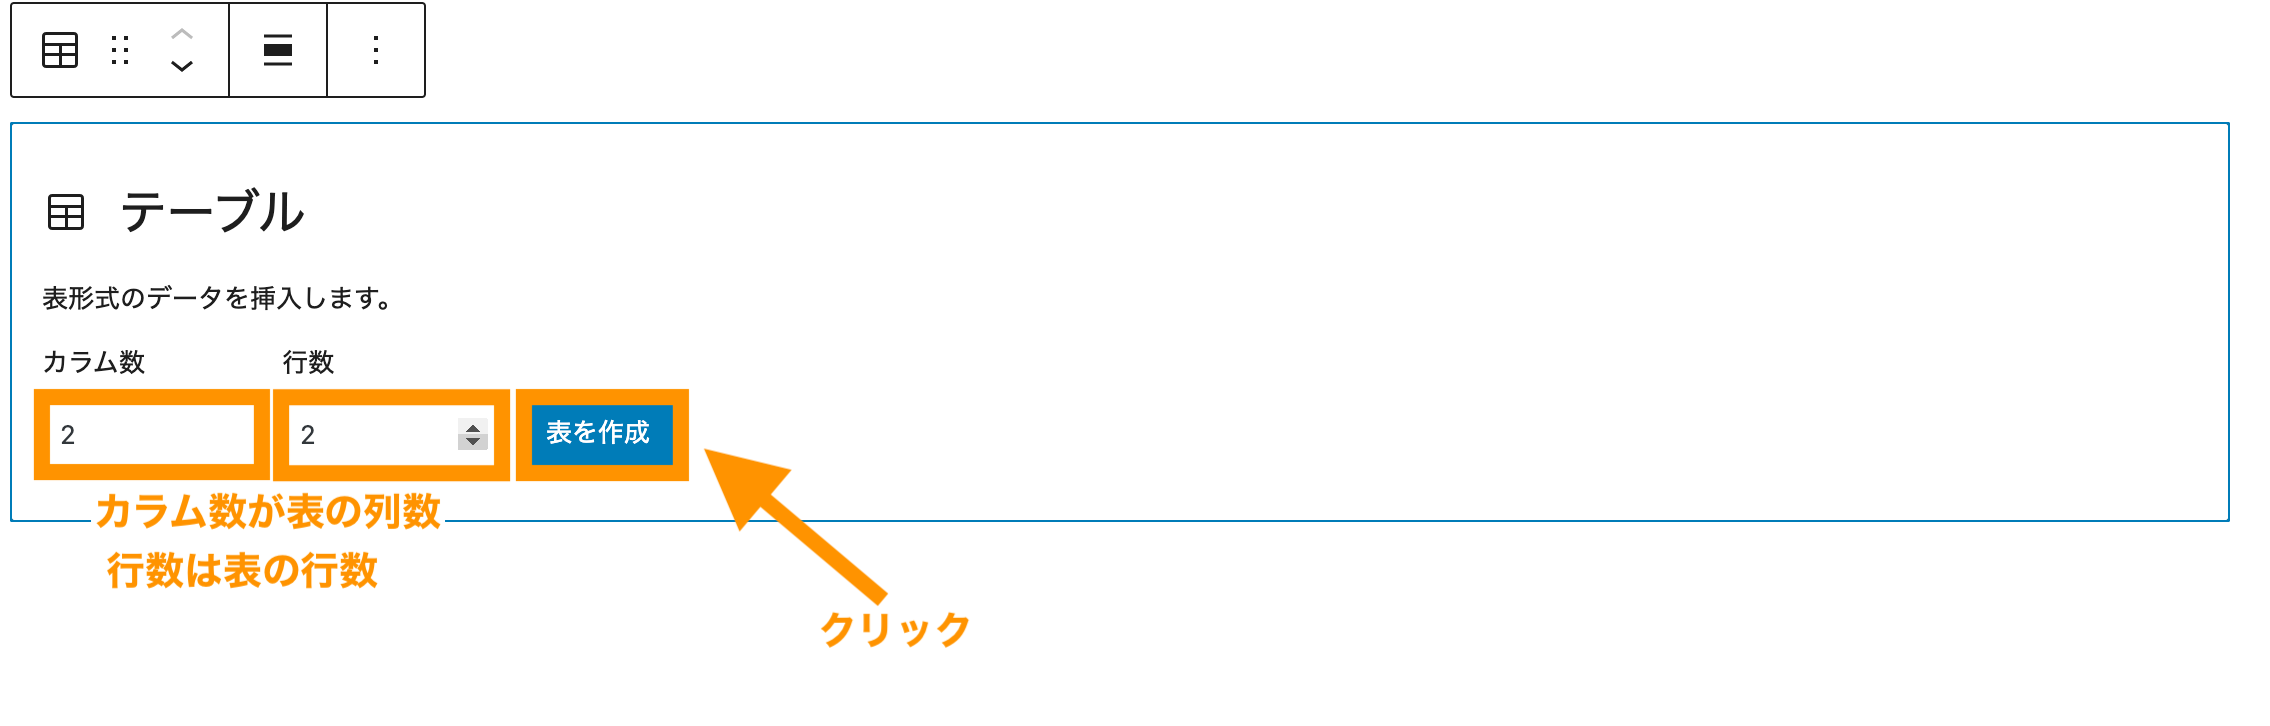 「列数」「行数」をそれぞれ指定して表を作成